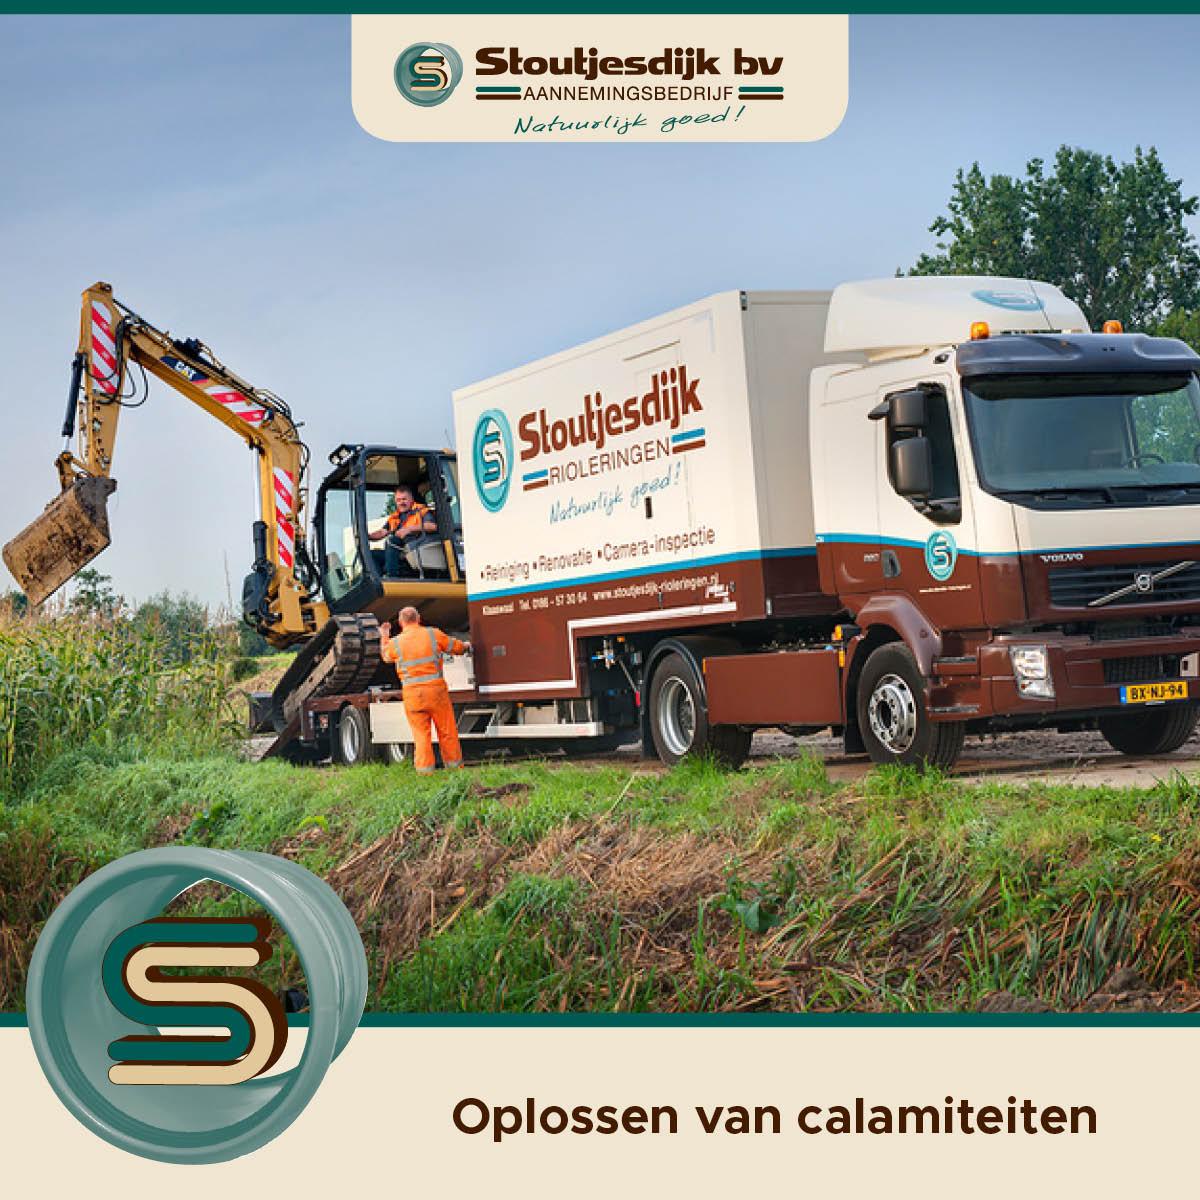 Welkom bij Aannemingsbedrijf Stoutjesdijk